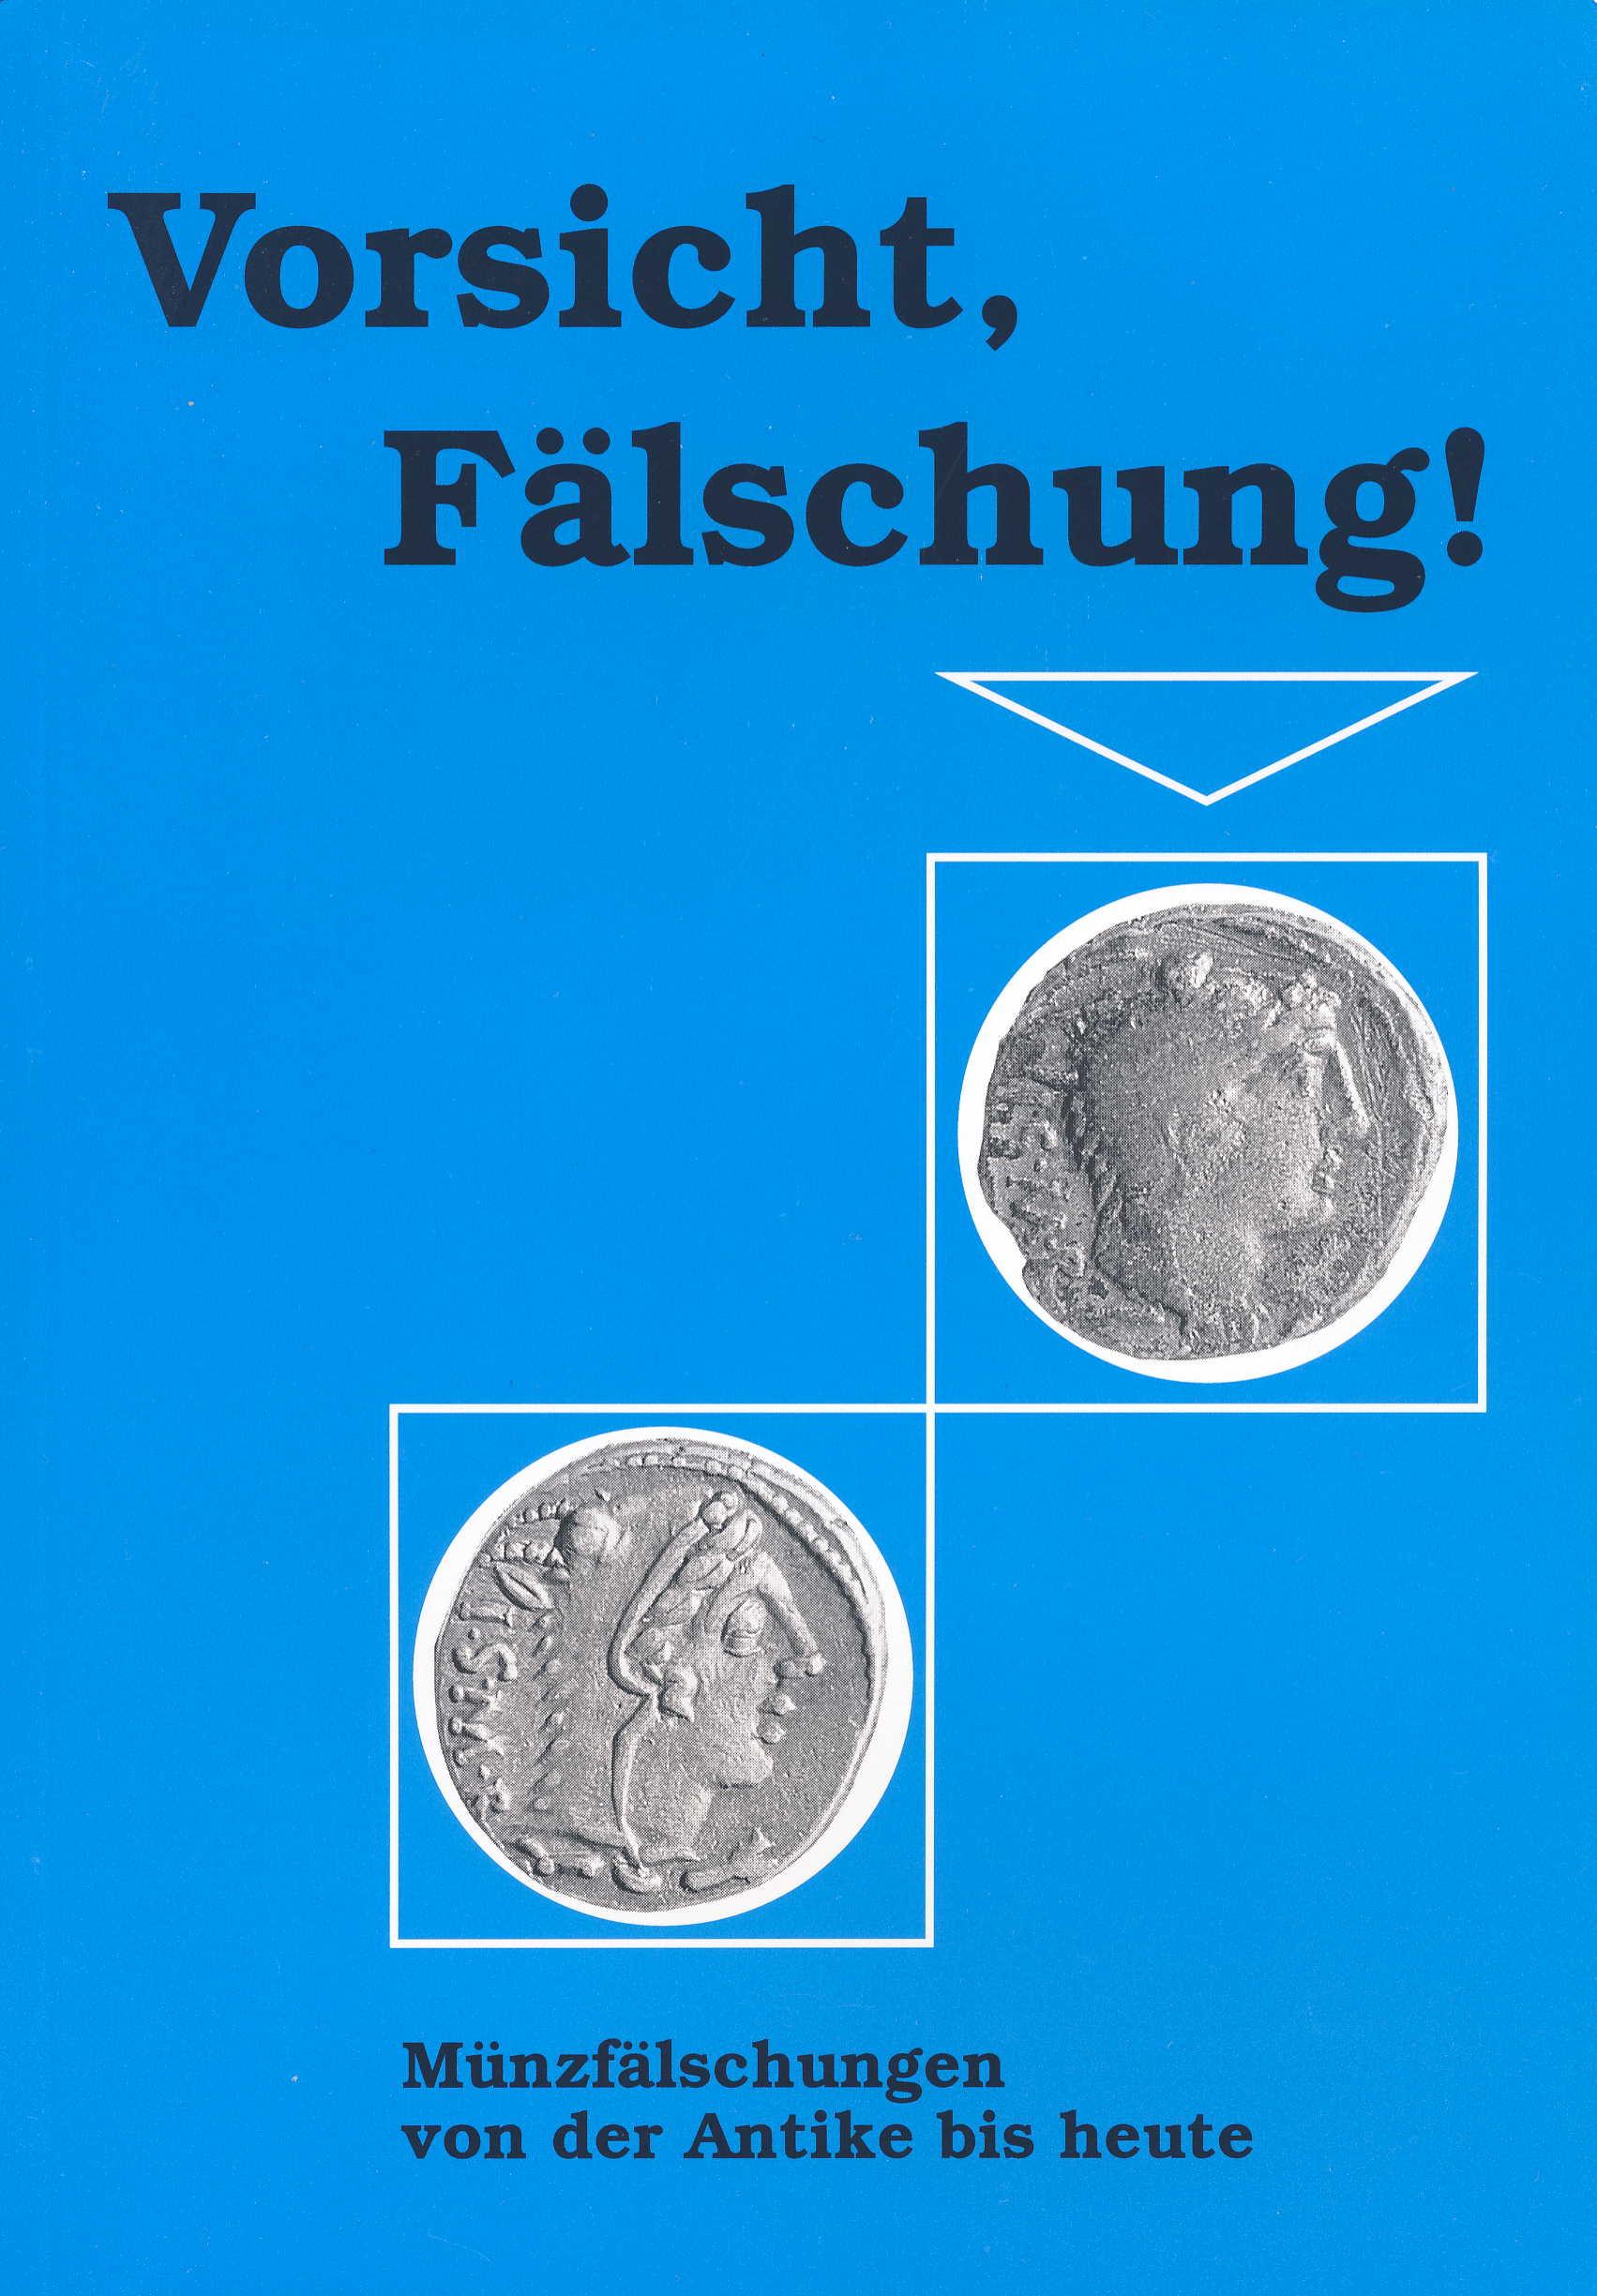 Voigtländer Vorsicht Fälschung Münzfälschungen von der Antike bi